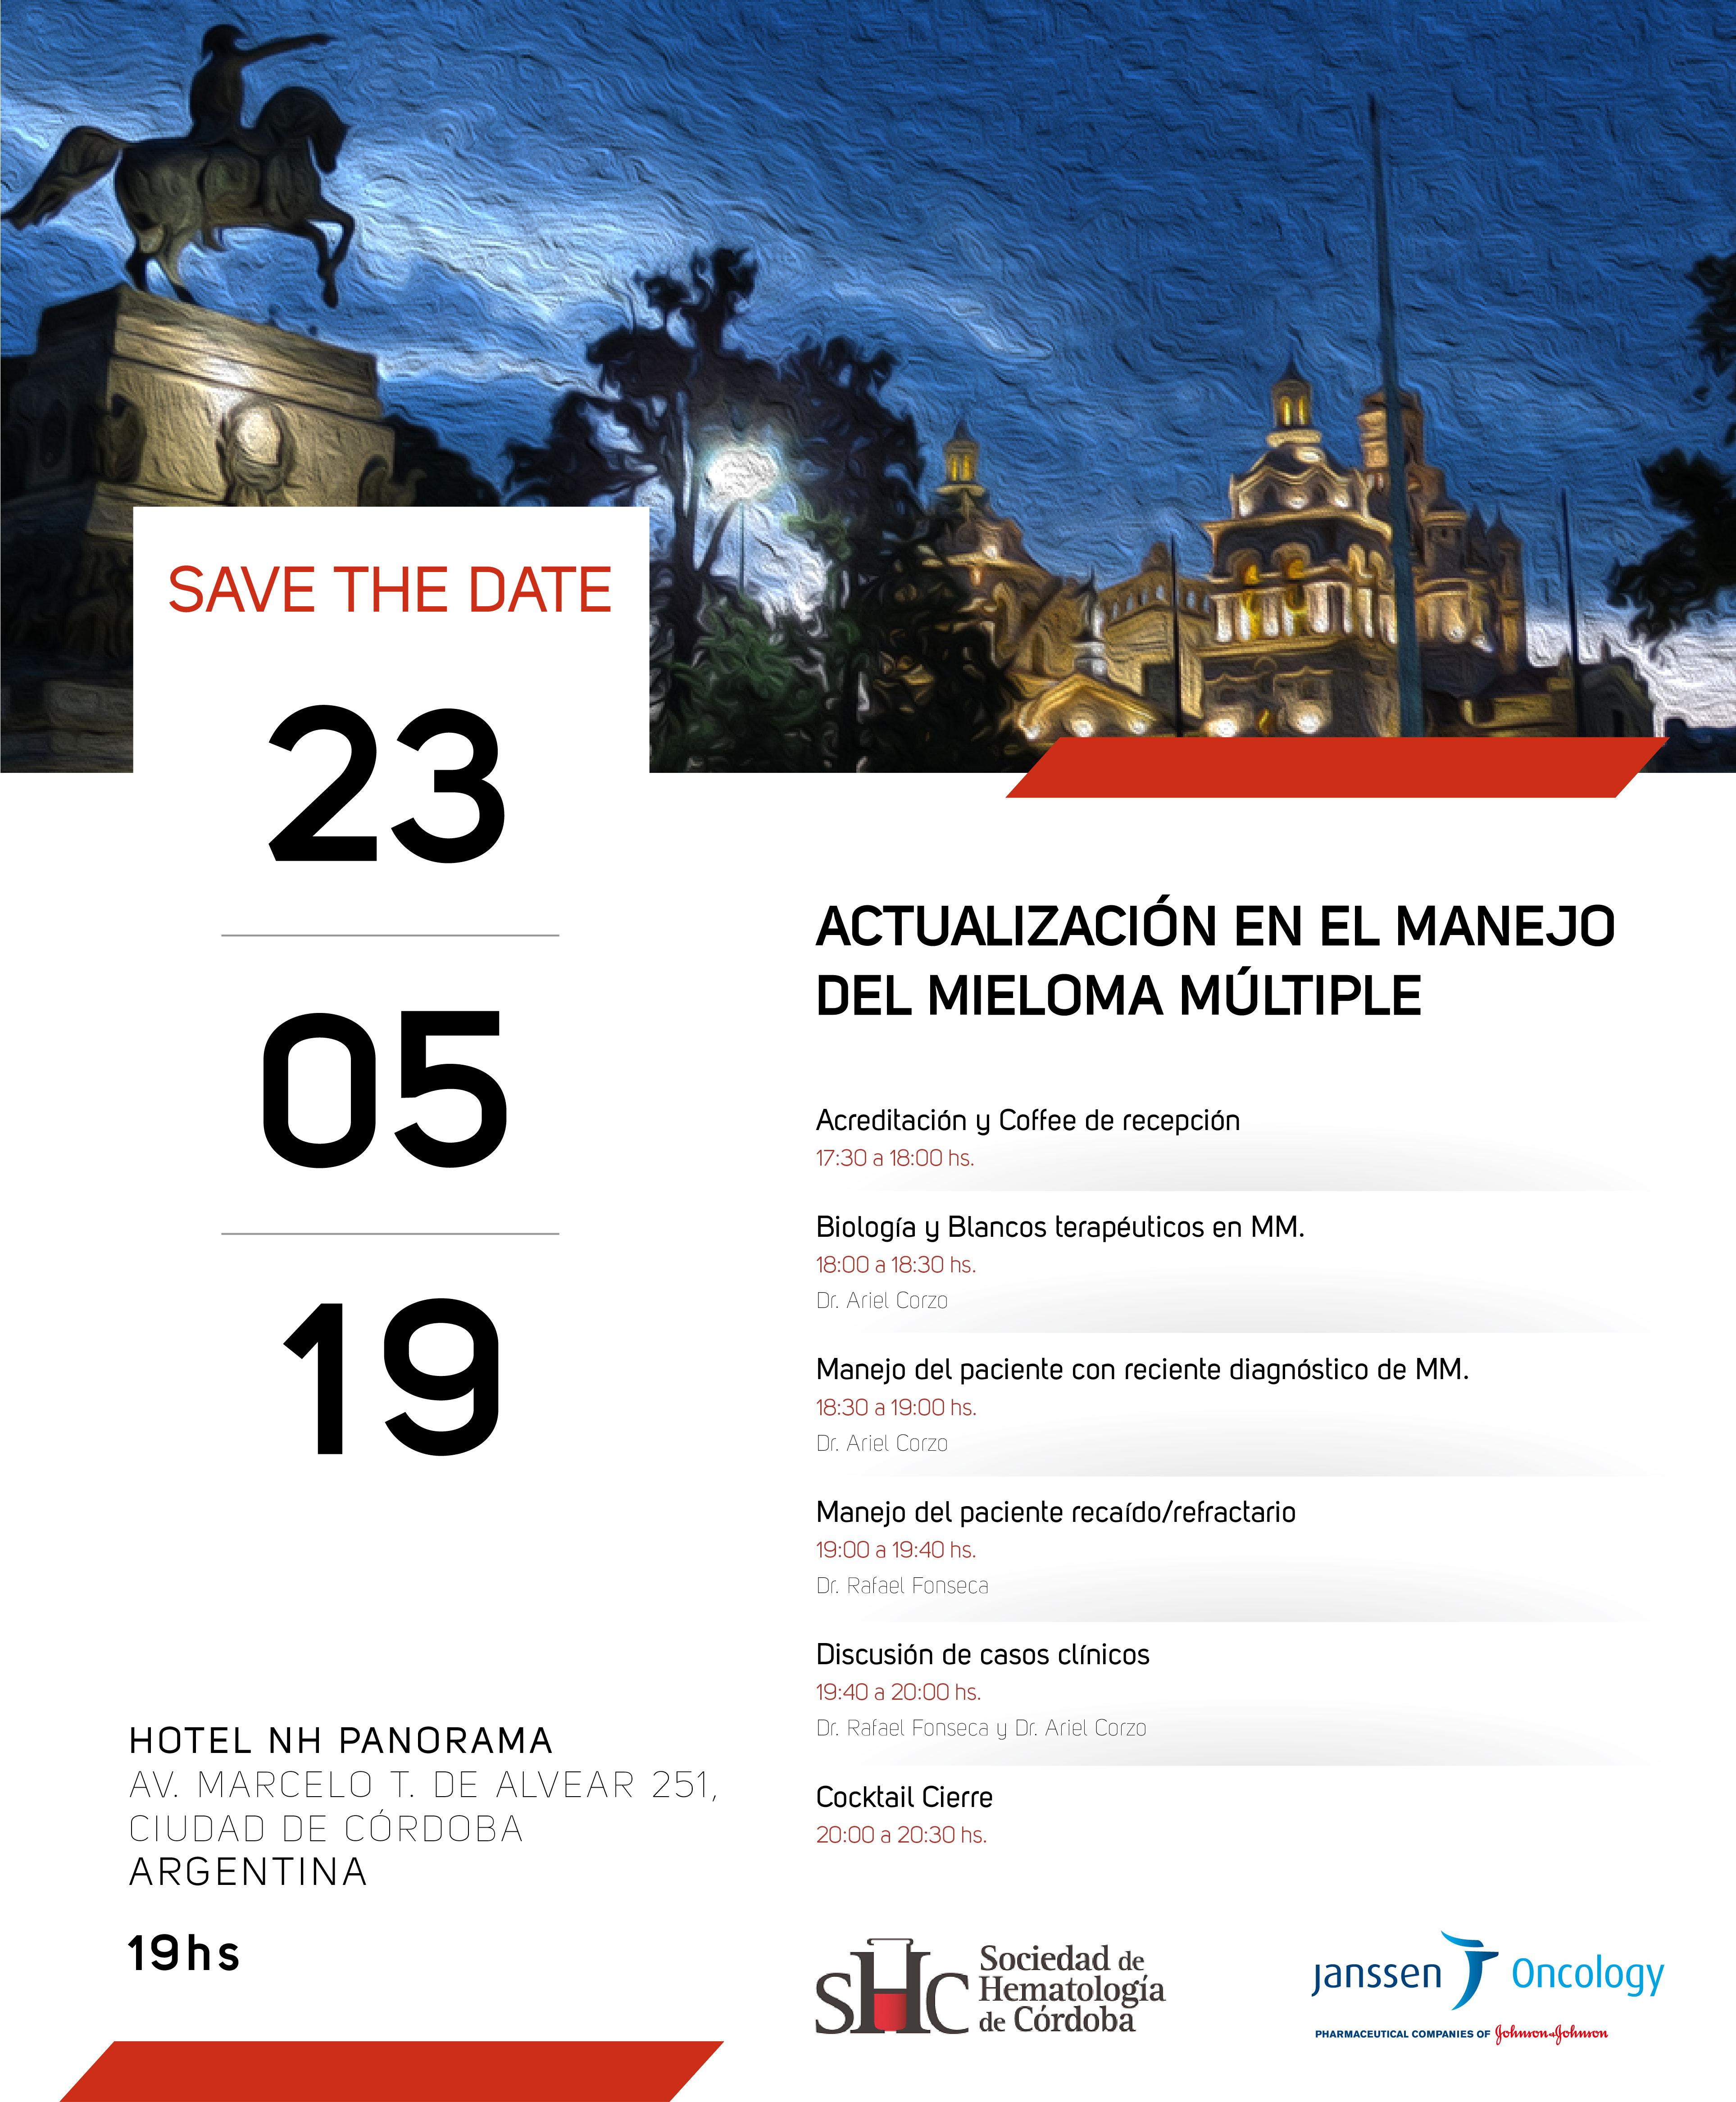 Agenda-SHC-Cordoba-02